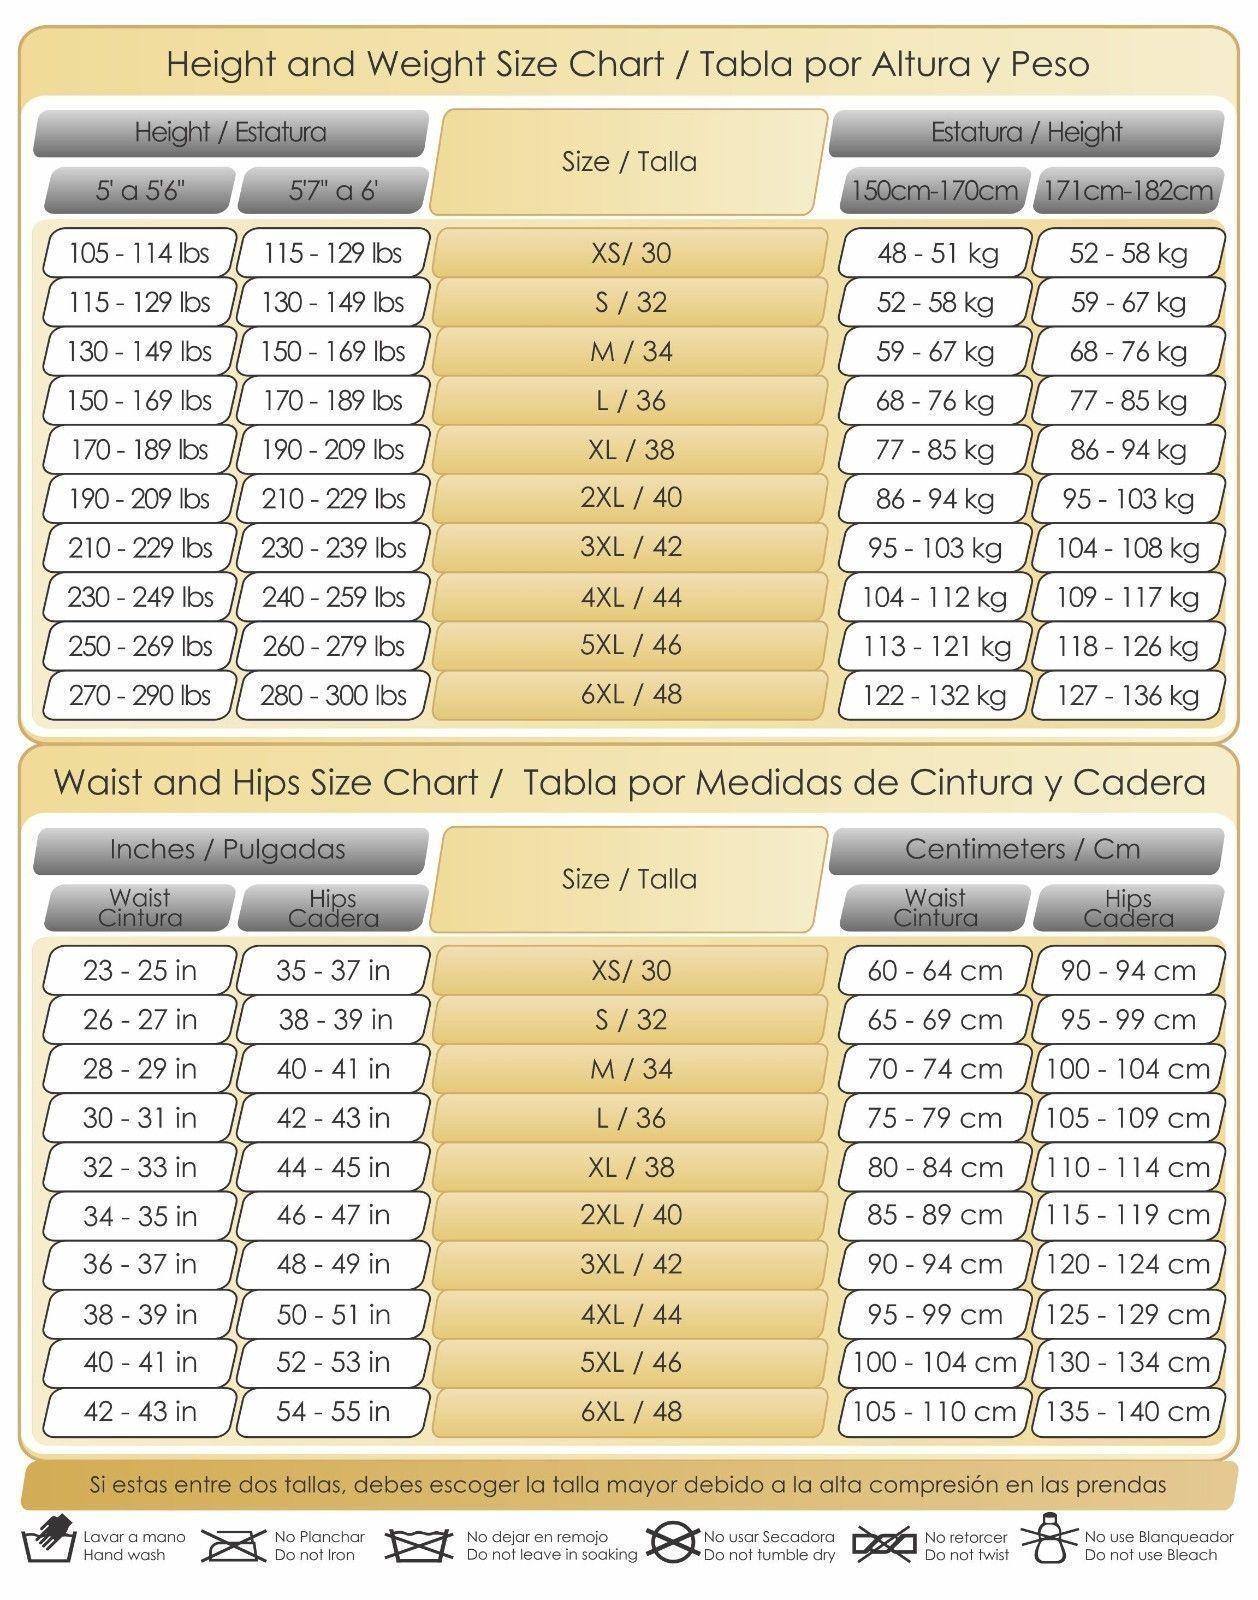 Para mujer fajas colombianas colombianas colombianas rojouctora en Post-Quirurgica participar & Fajate Levanta Cola 20ad6b